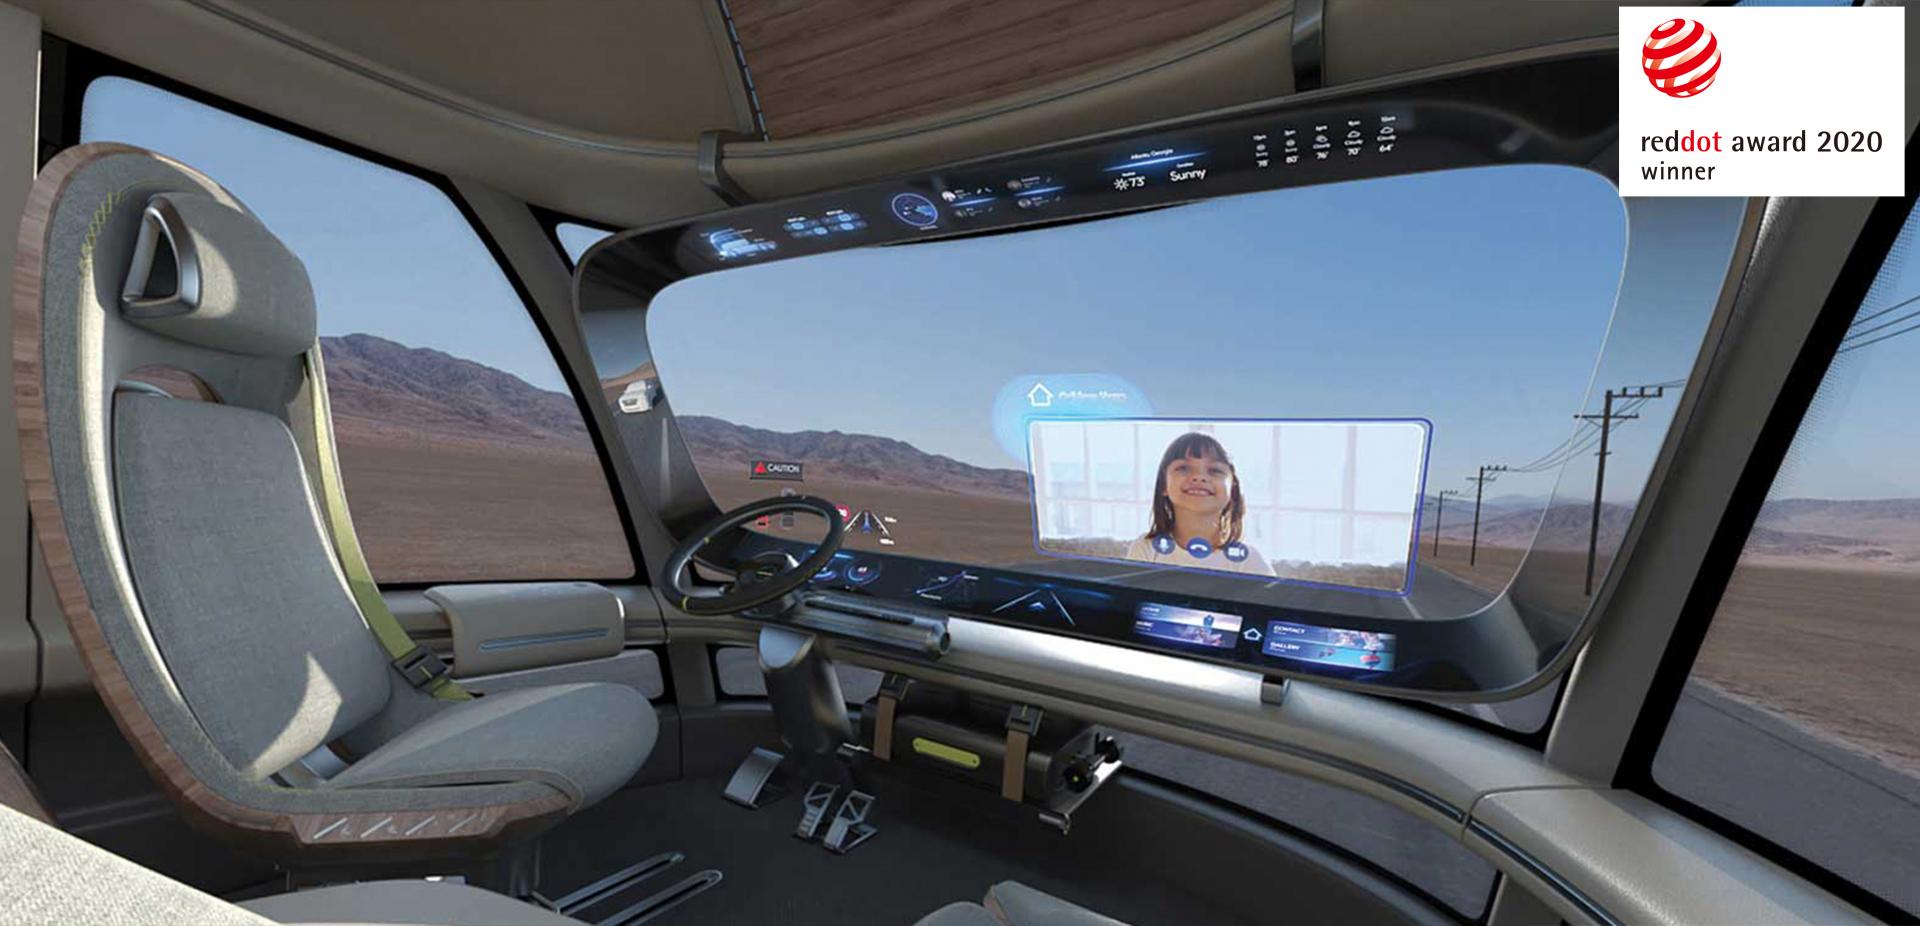 Компанія Hyundai Motor отримала три нагороди Red Dot Award 2020 за концептуальний дизайн | Фрунзе-Авто - фото 12